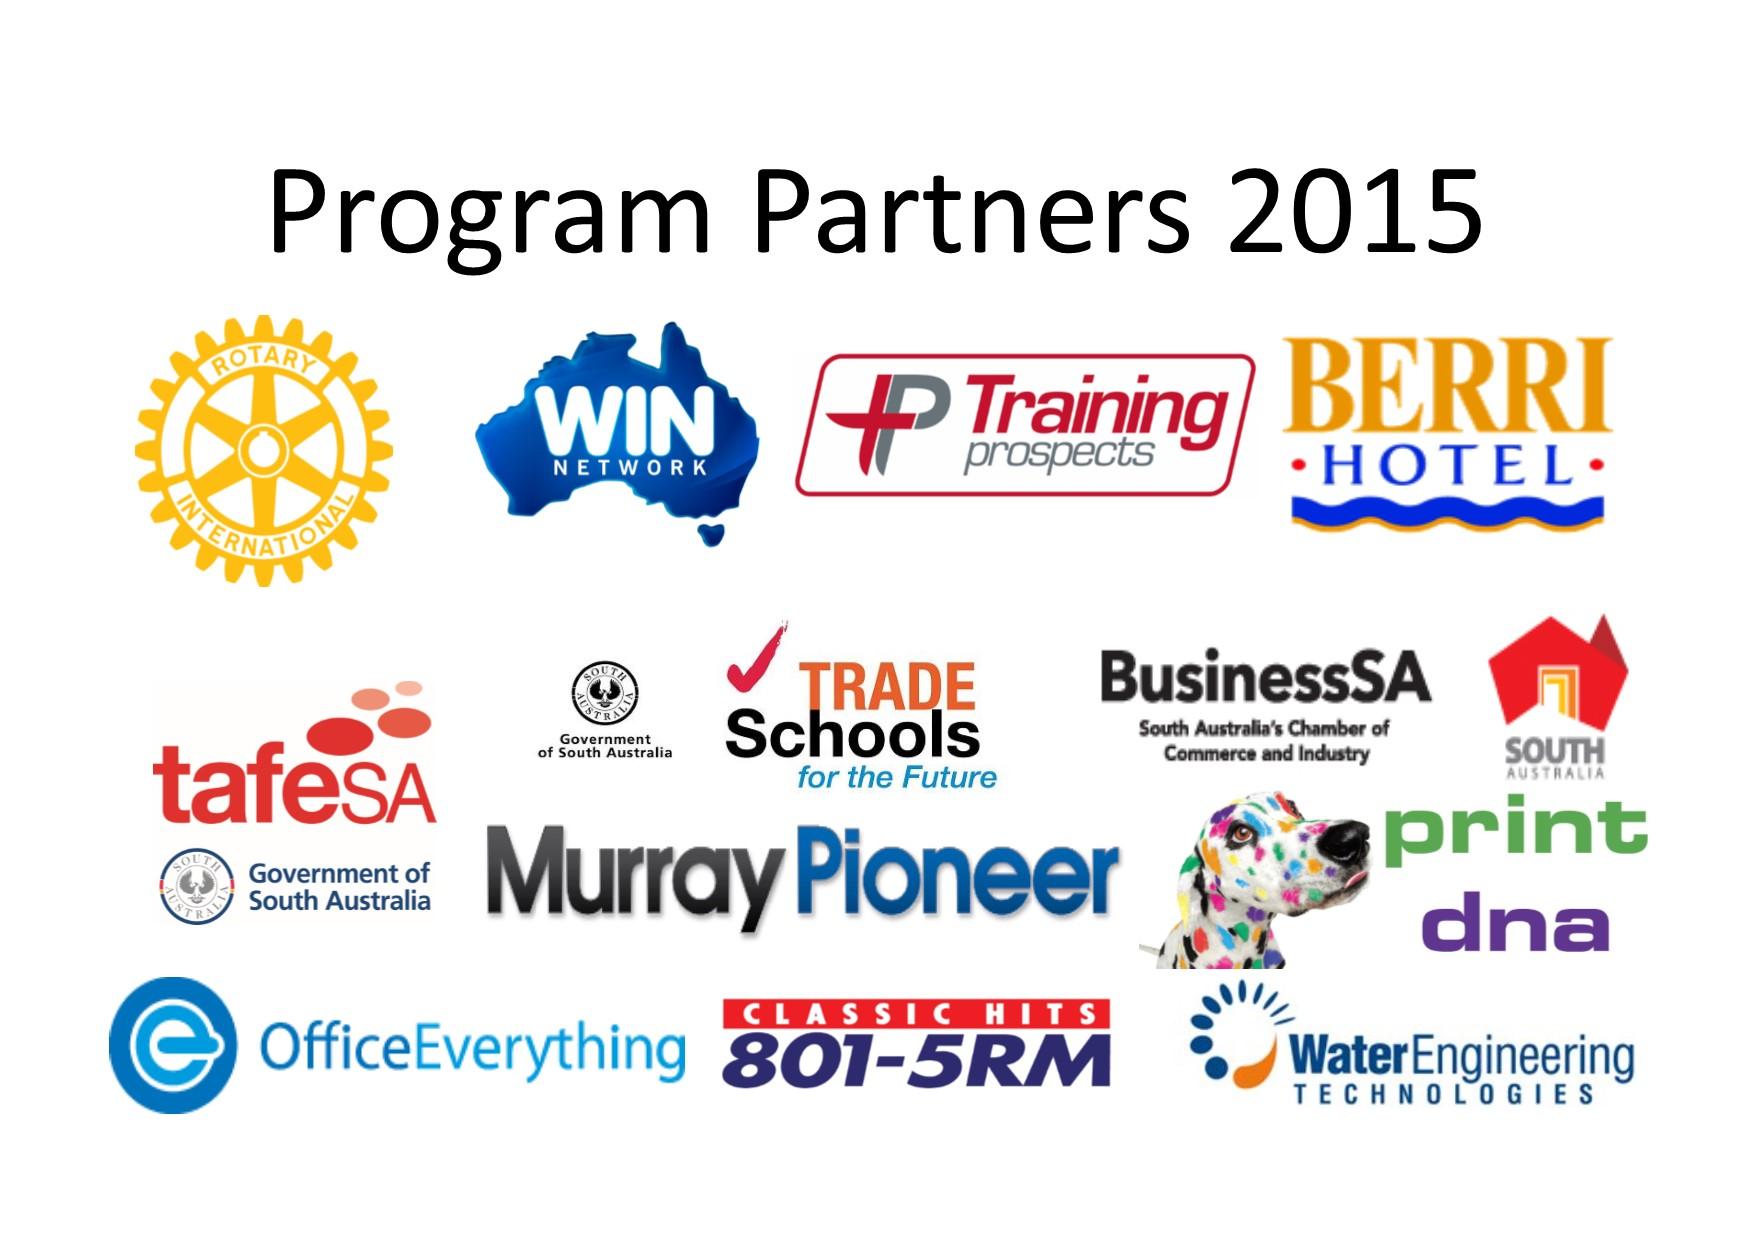 Rotary program partners 2015